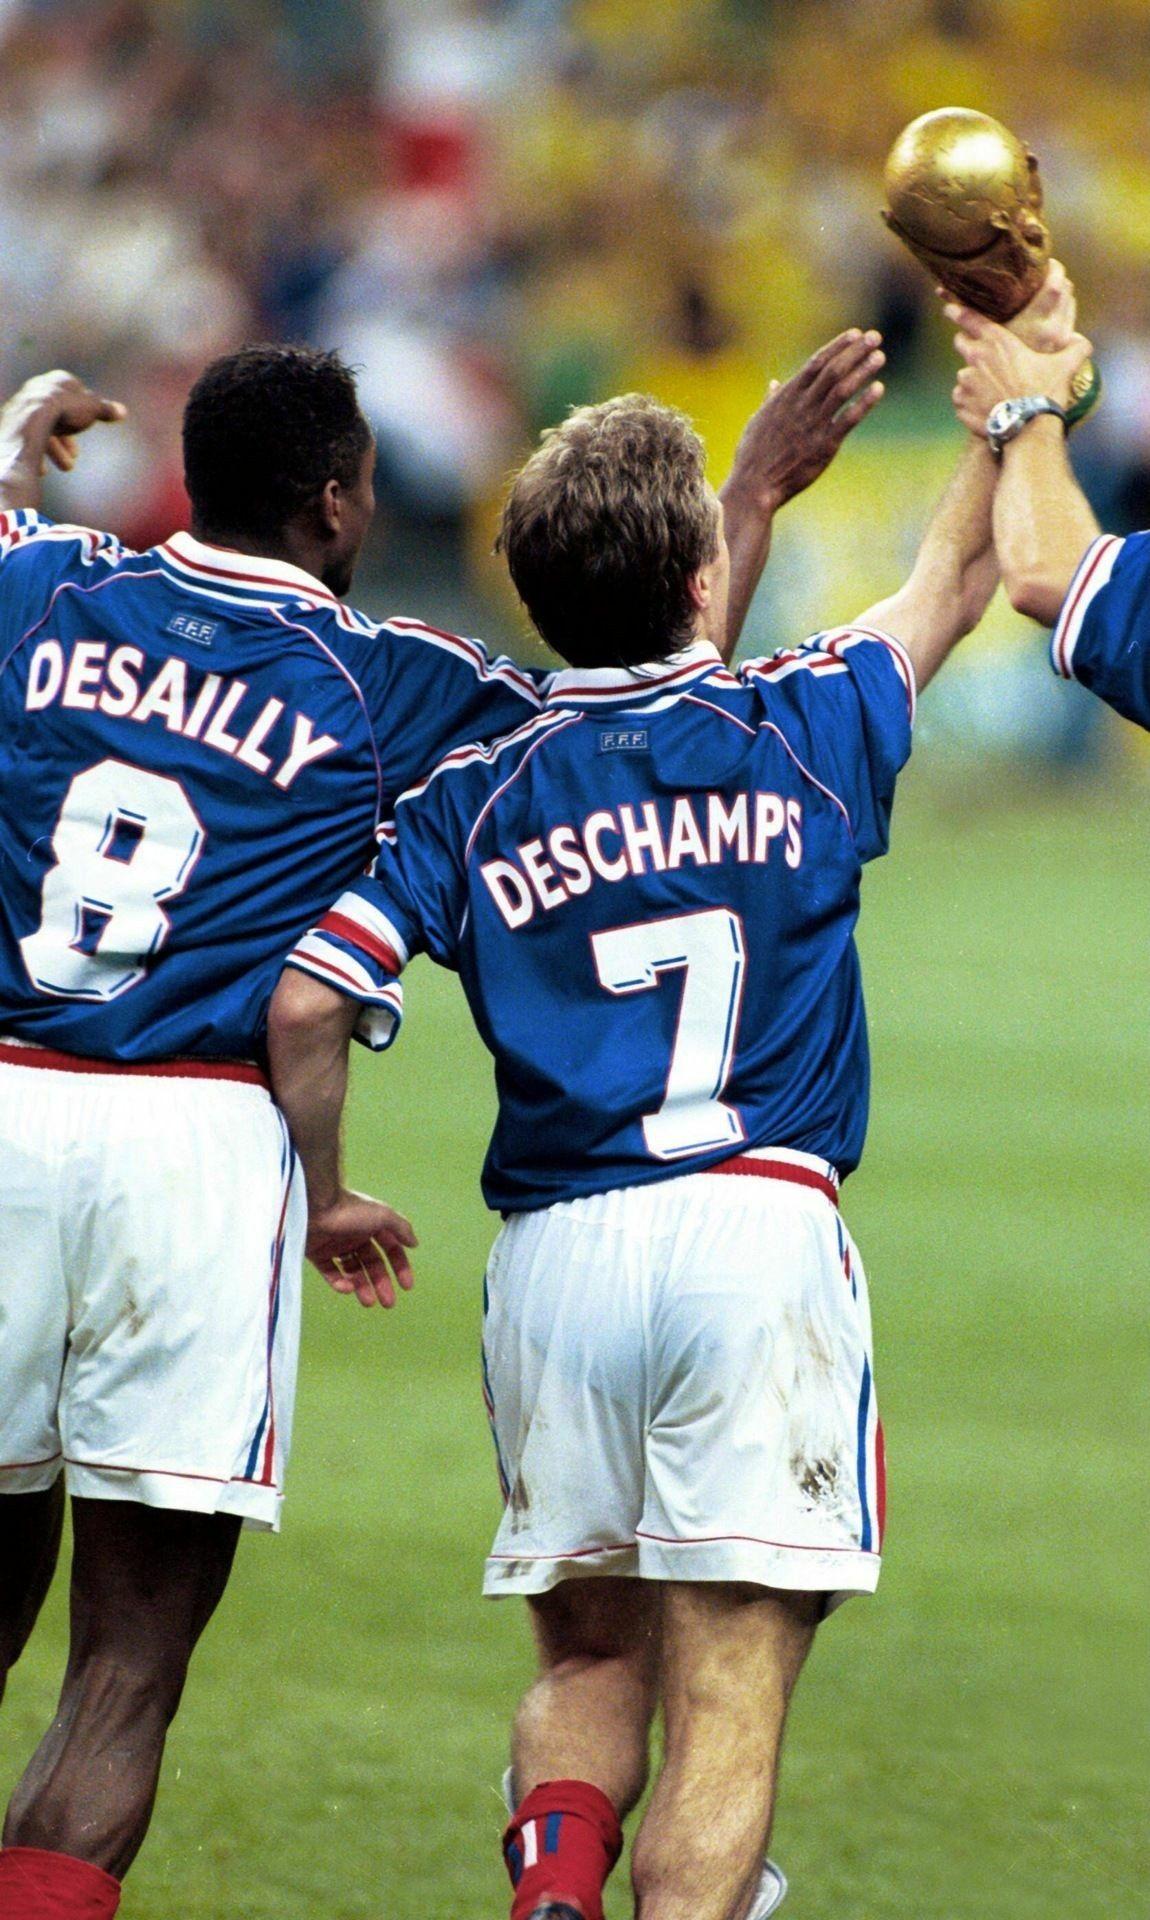 Joueur Equipe De France 1998 : joueur, equipe, france, França, Coupe, Monde,, Joueurs, Foot,, Équipe, France